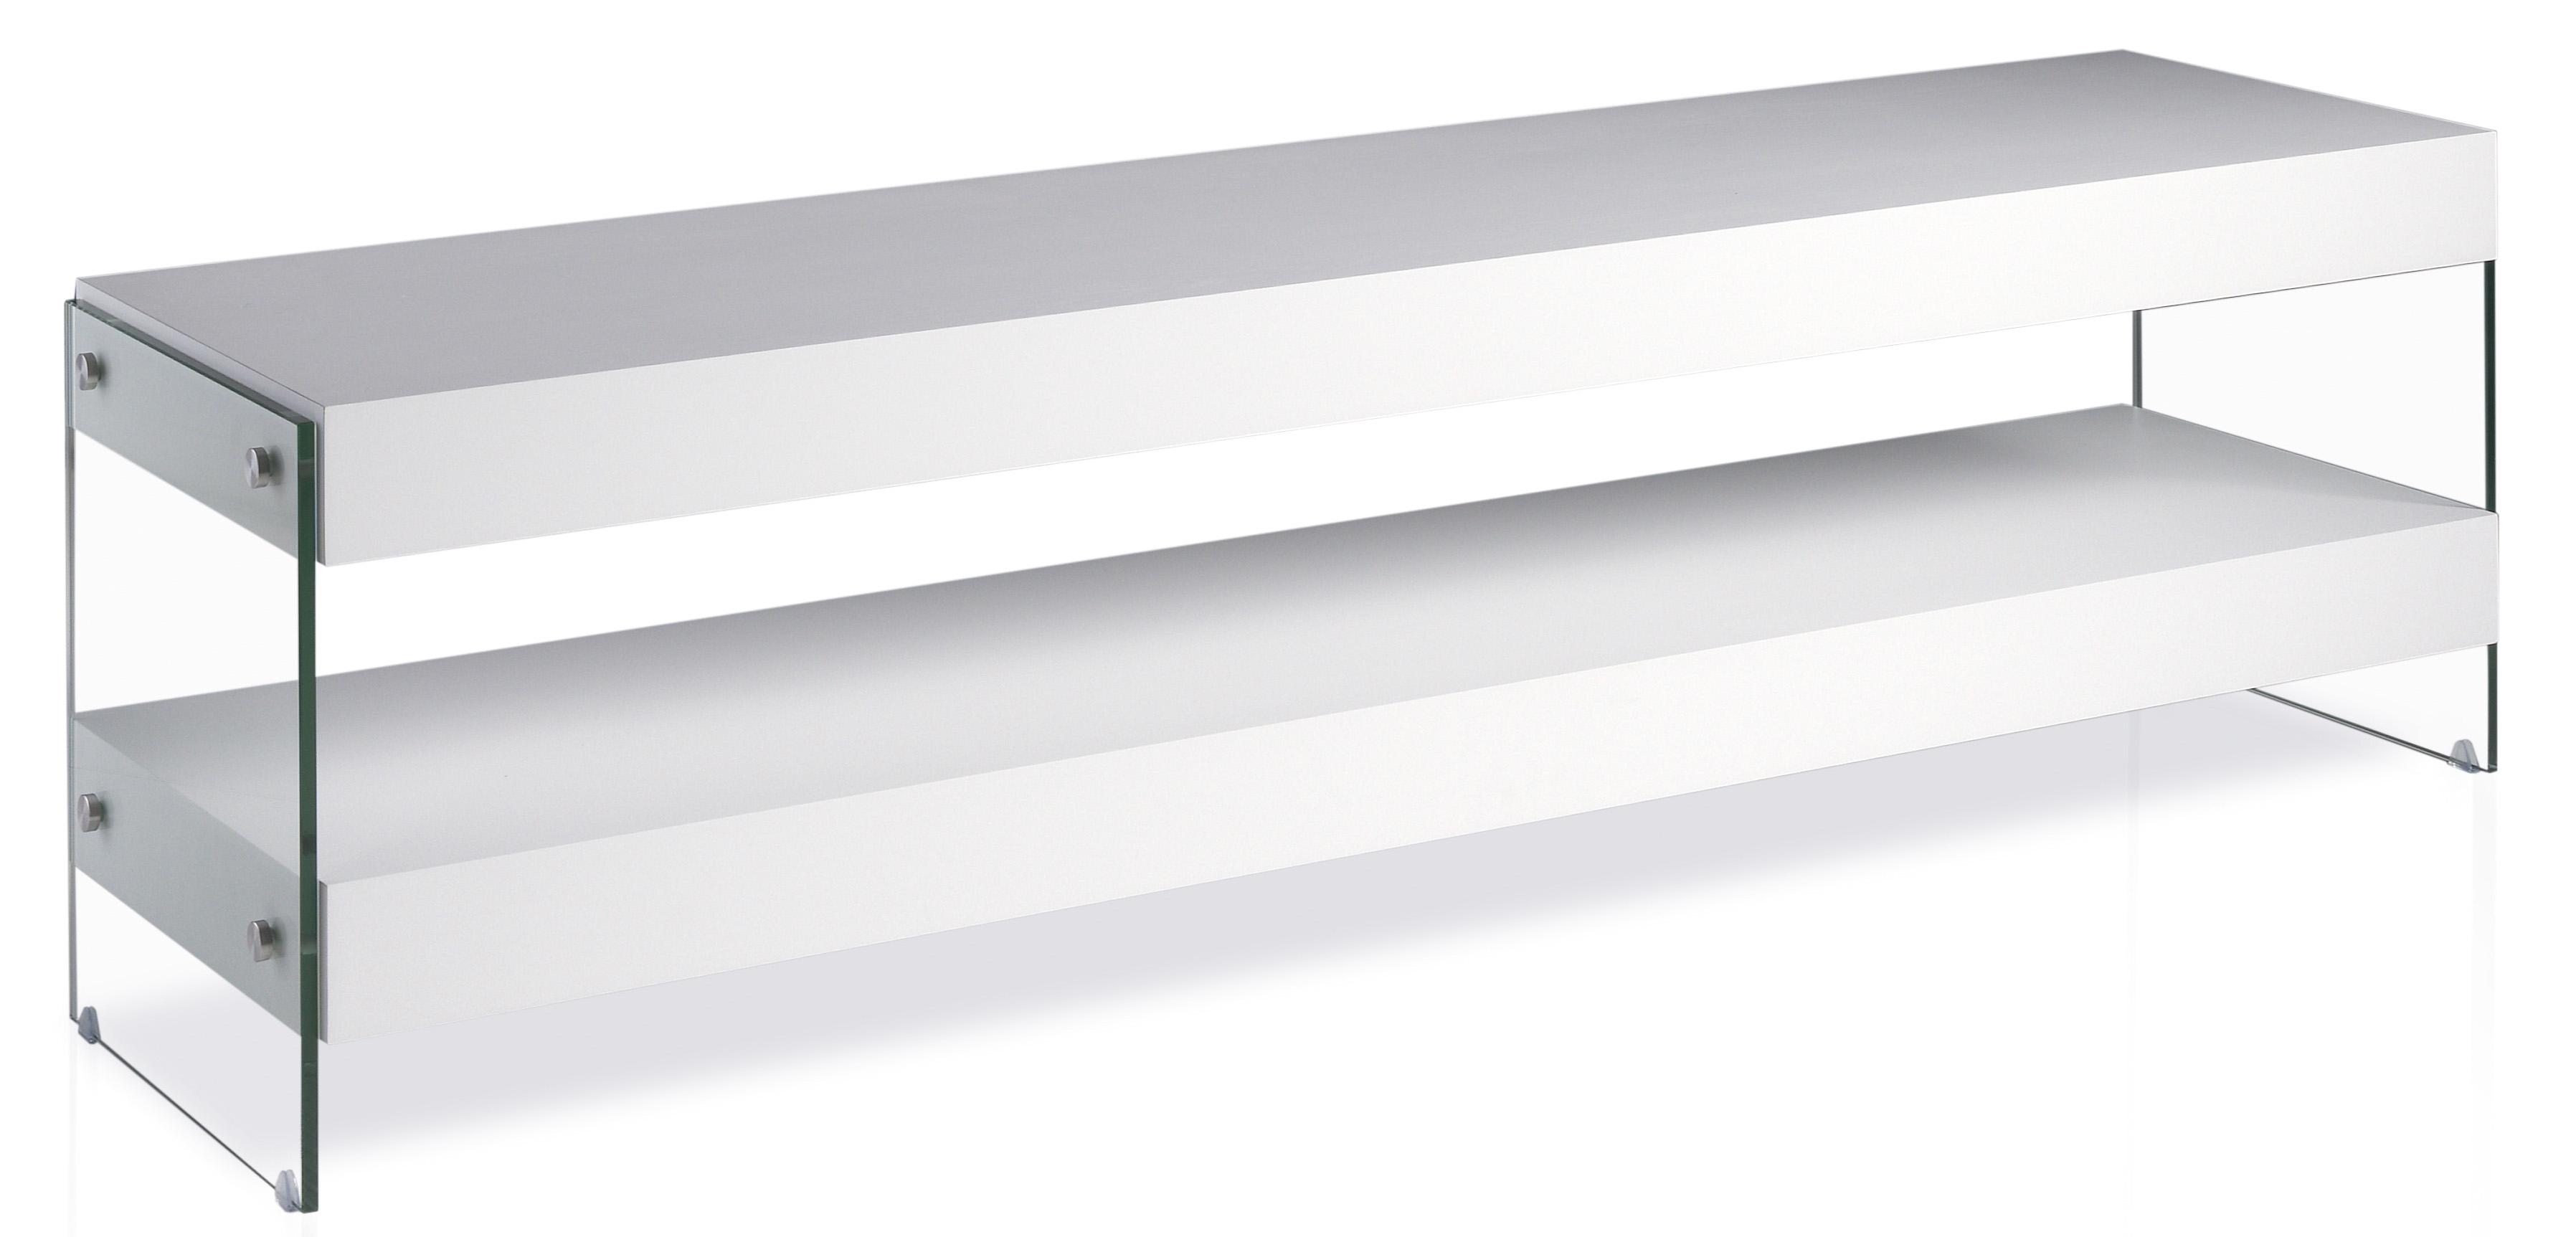 meuble tv laqu cubique couleur blanc. Black Bedroom Furniture Sets. Home Design Ideas